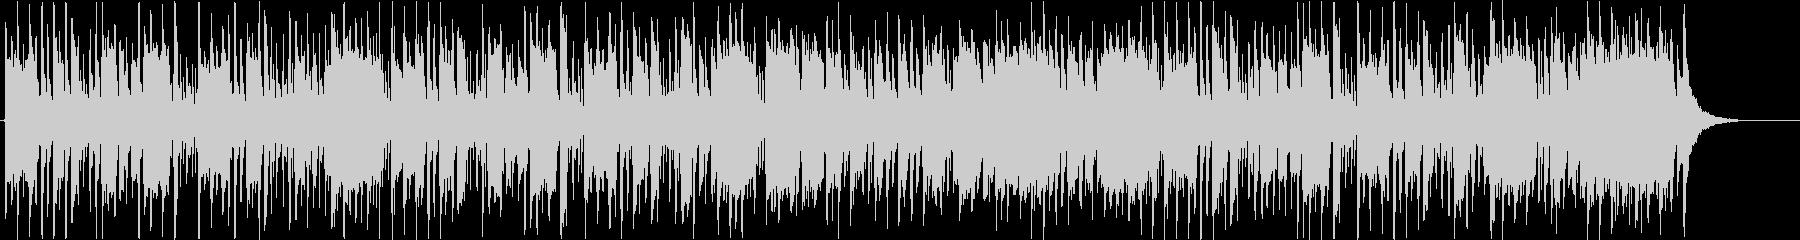 アップテンポで前向きな高音のポップな曲の未再生の波形